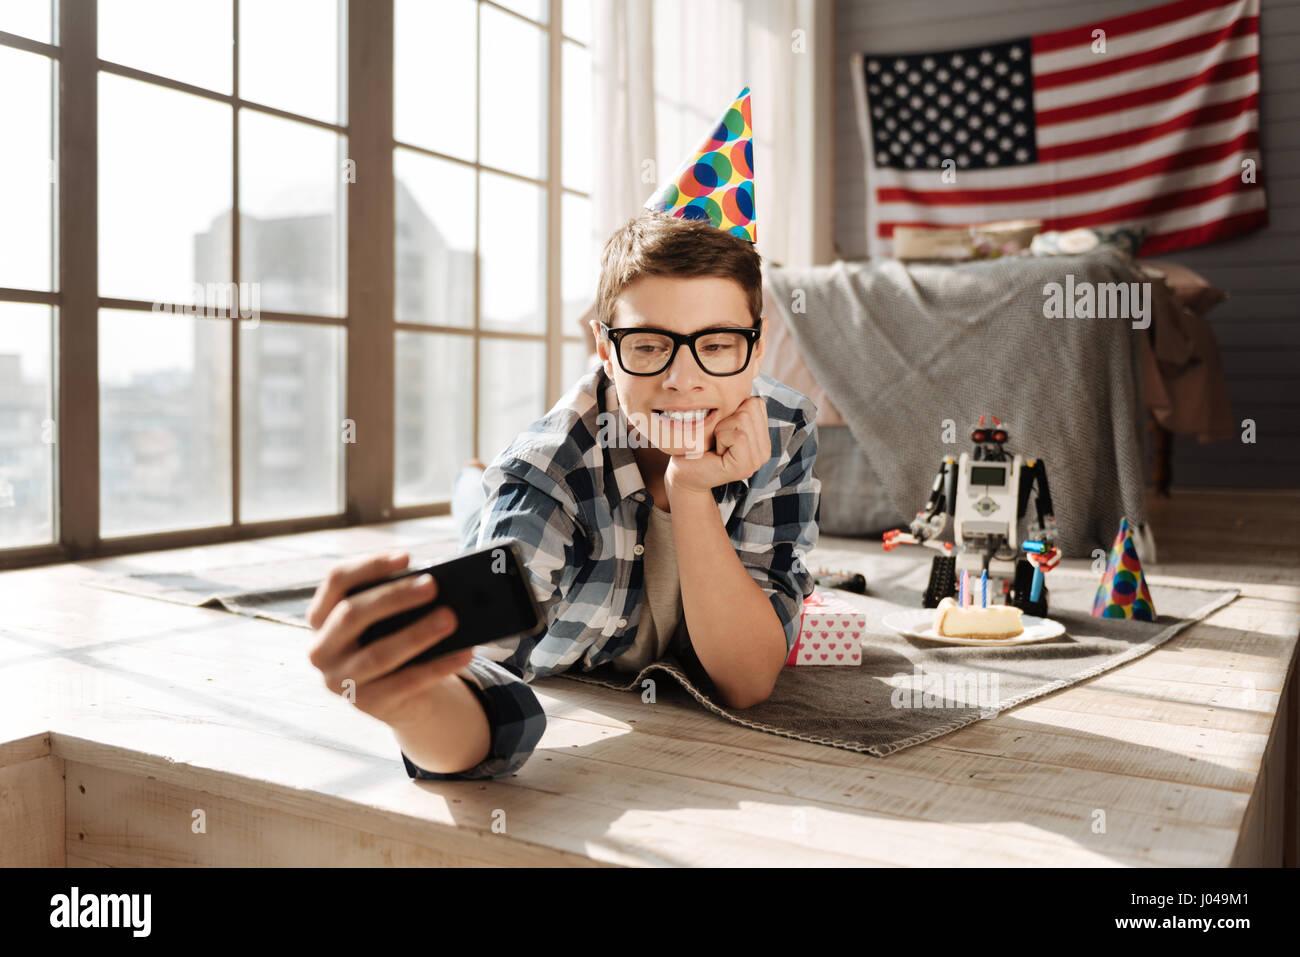 Persona joven atractivo tener fiesta de cumpleaños Imagen De Stock